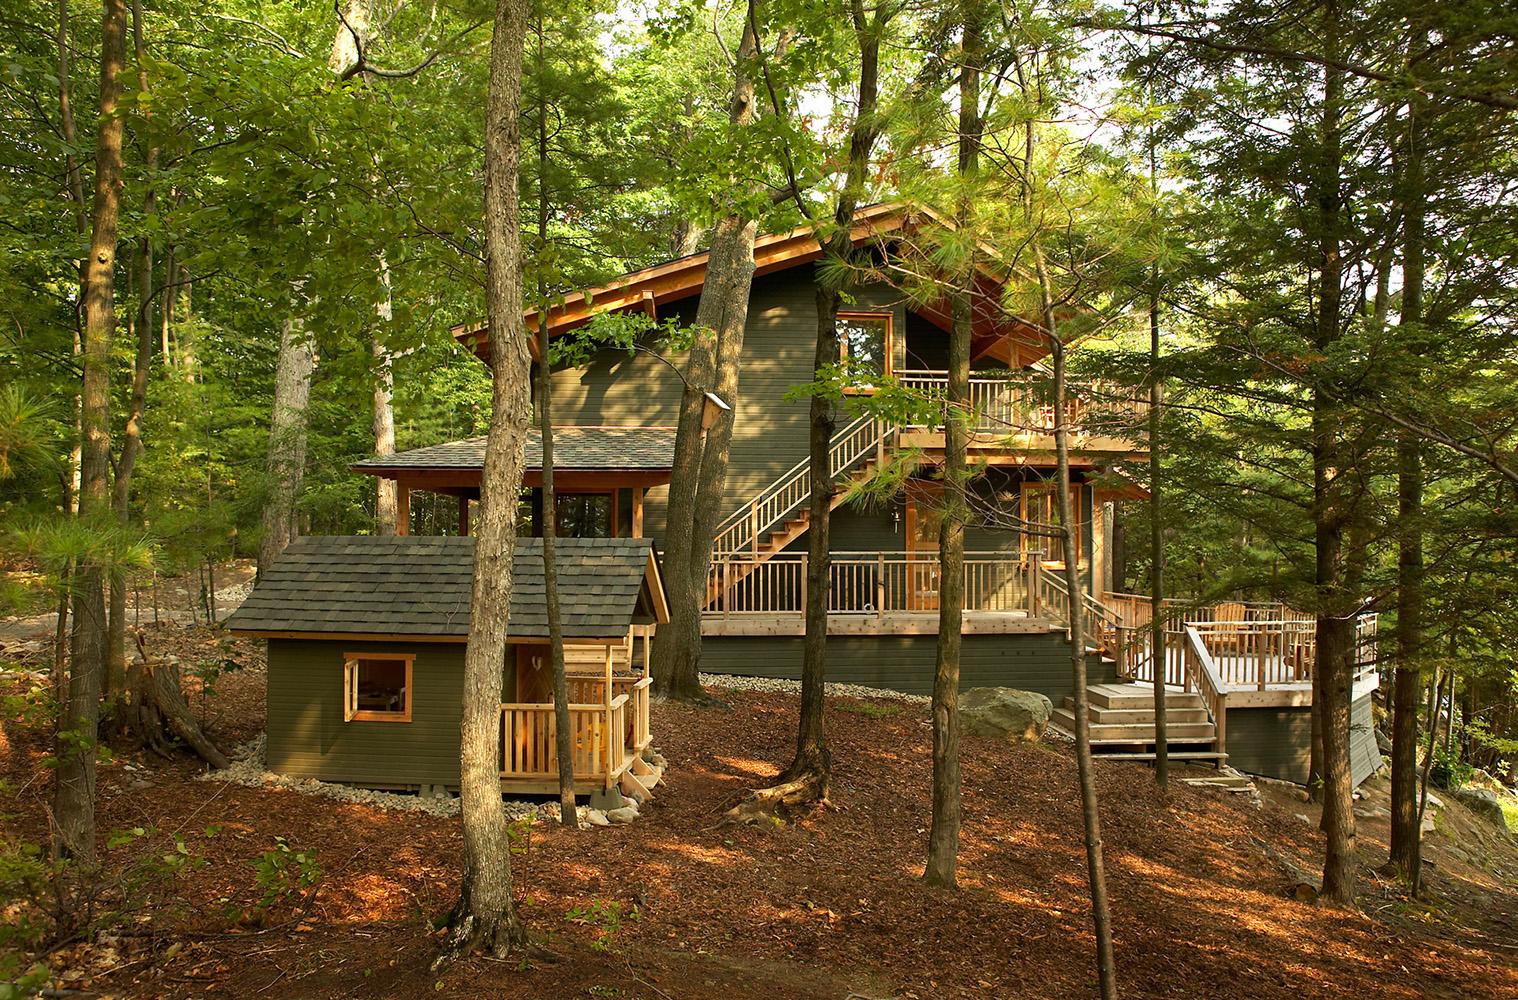 Timber-framed cottage on Lake Muskoka clad with wood siding